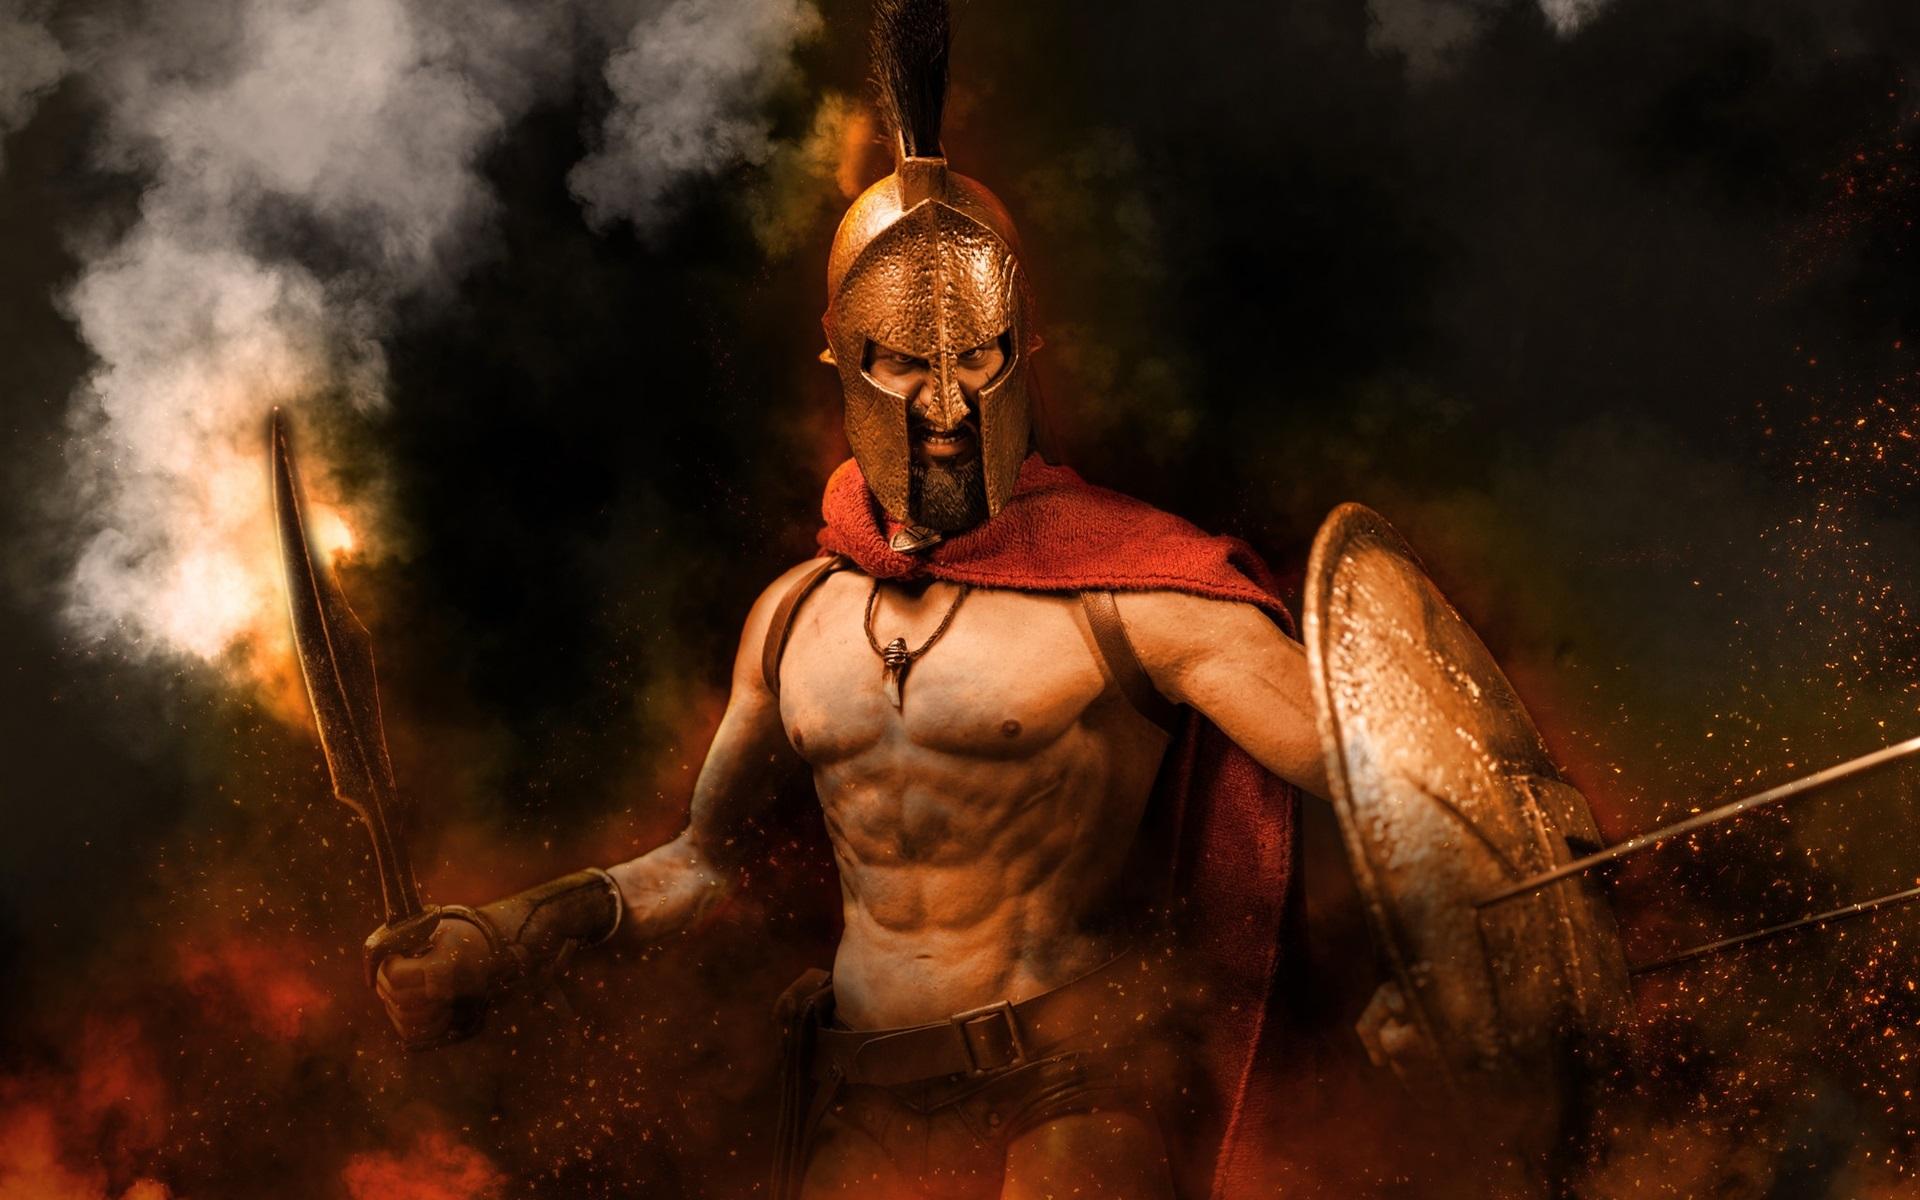 Красивые картинки спартанцев